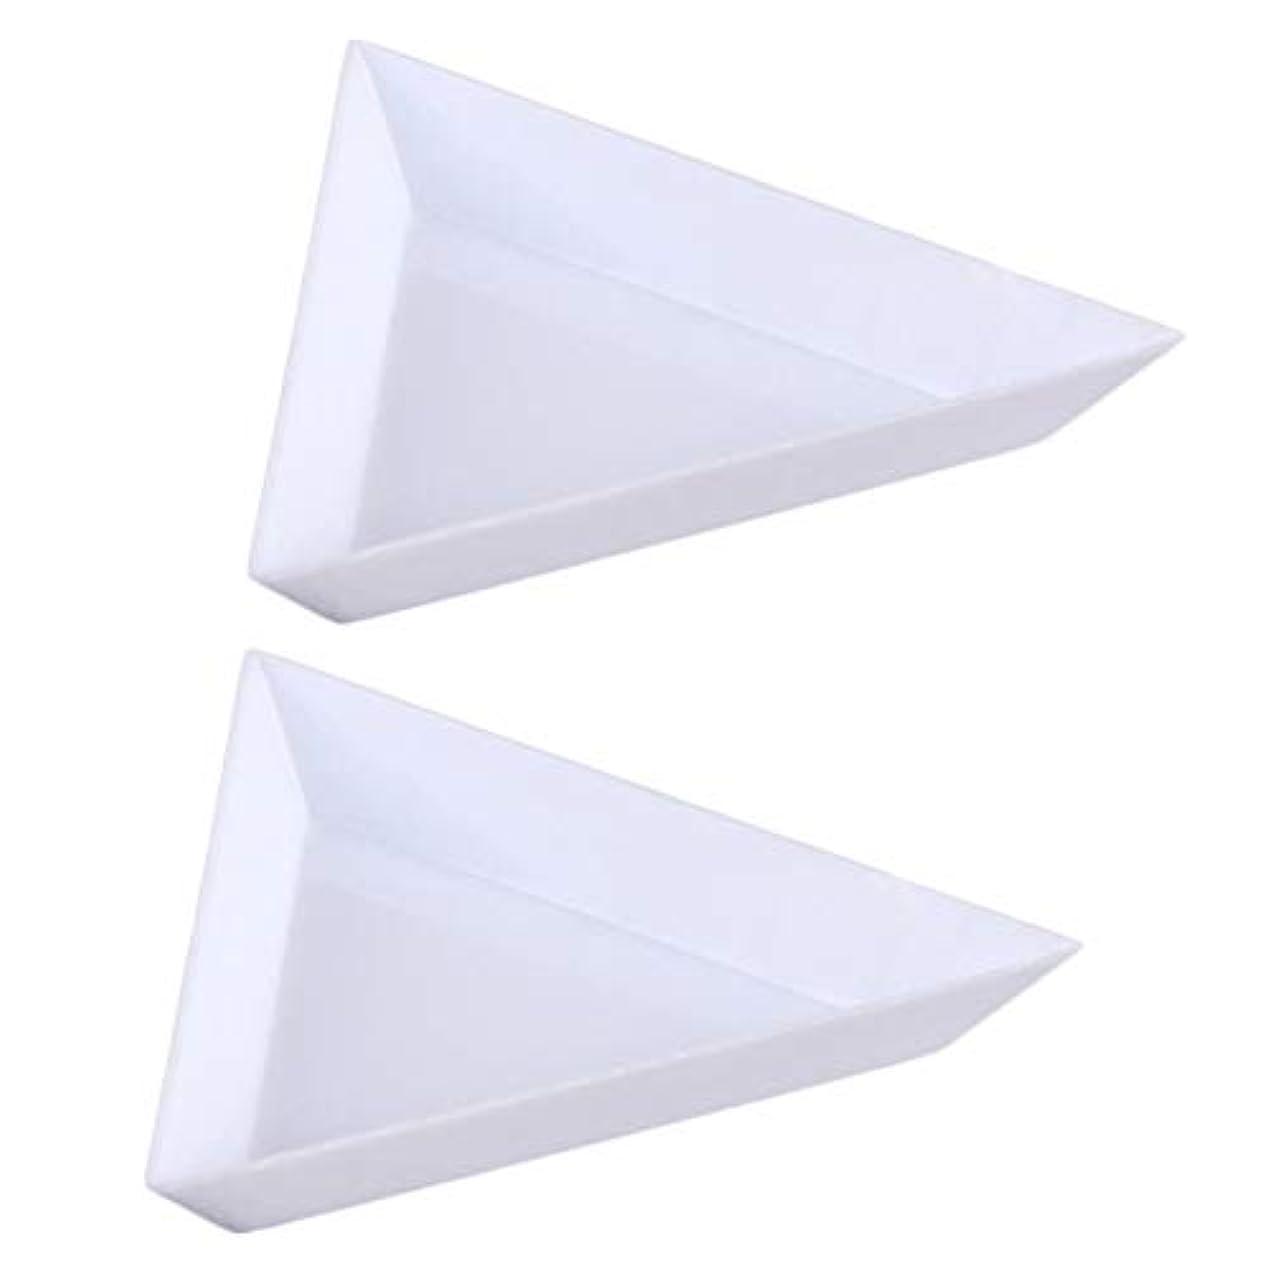 緑ほこりっぽい悲観主義者SODIAL 10個三角コーナープラスチックラインストーンビーズ 結晶 ネイルアートソーティングトレイアクセサリー白 DiyネイルアートデコレーションDotting収納トレイ オーガニゼーションに最適